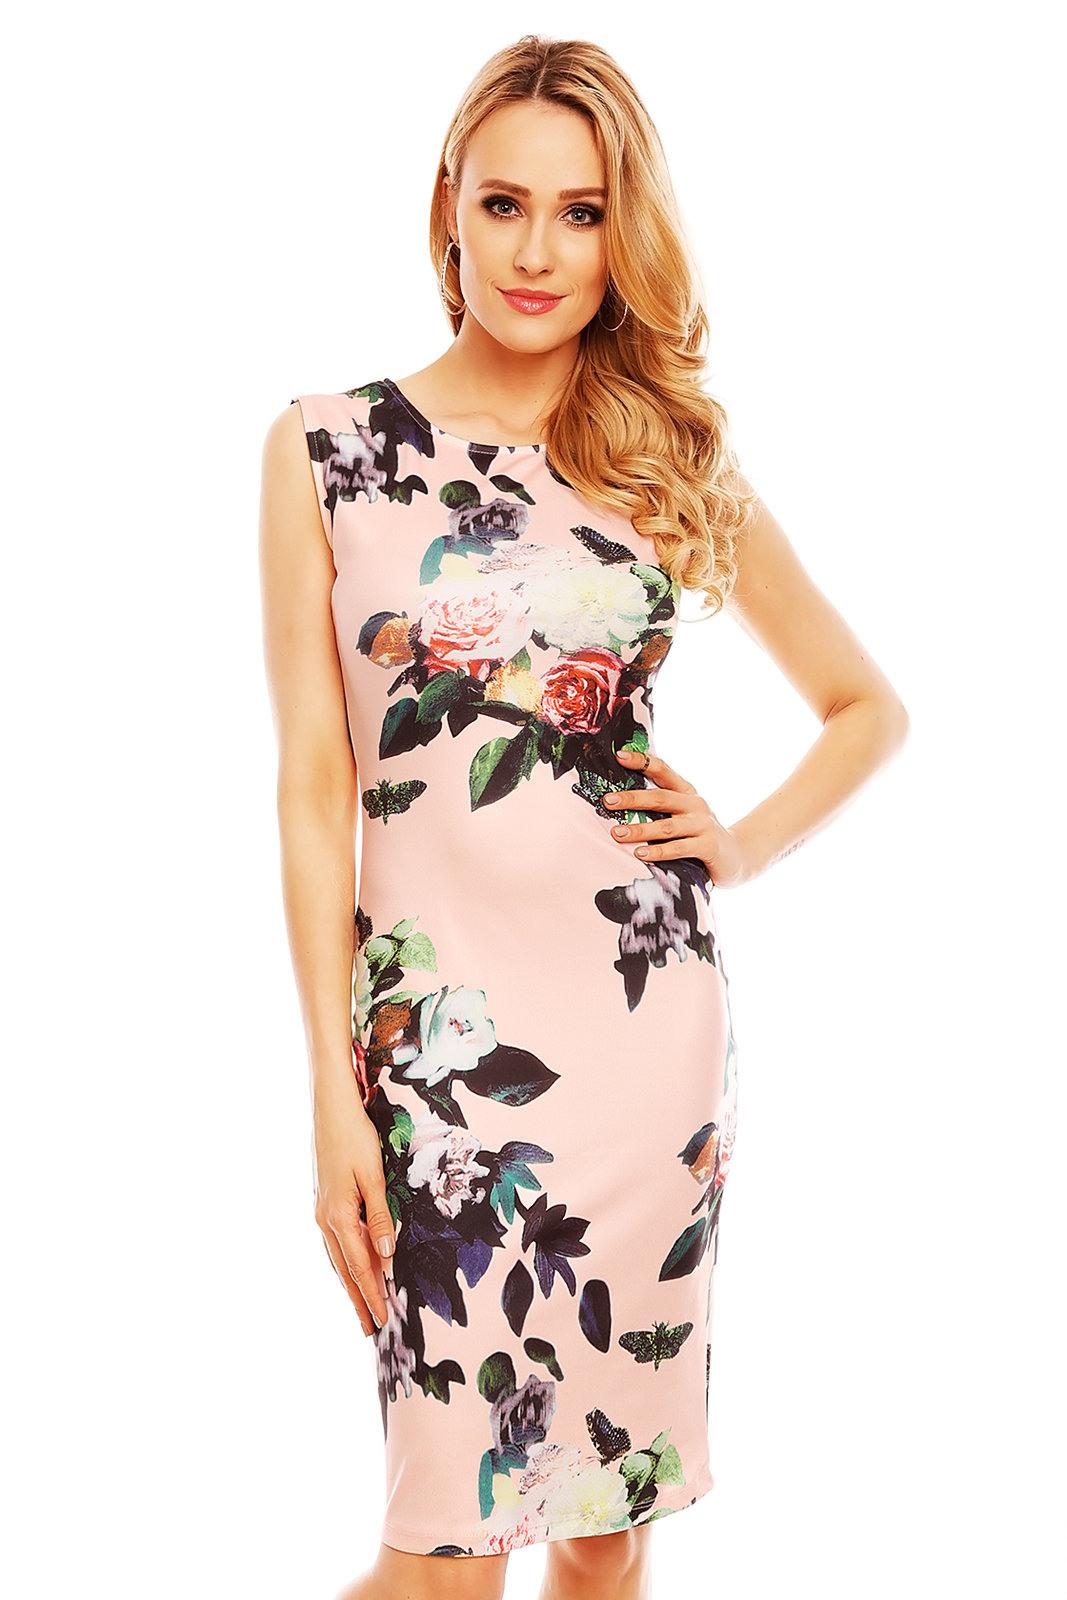 17 Spektakulär Sommerkleid Etuikleid Spezialgebiet15 Fantastisch Sommerkleid Etuikleid Boutique